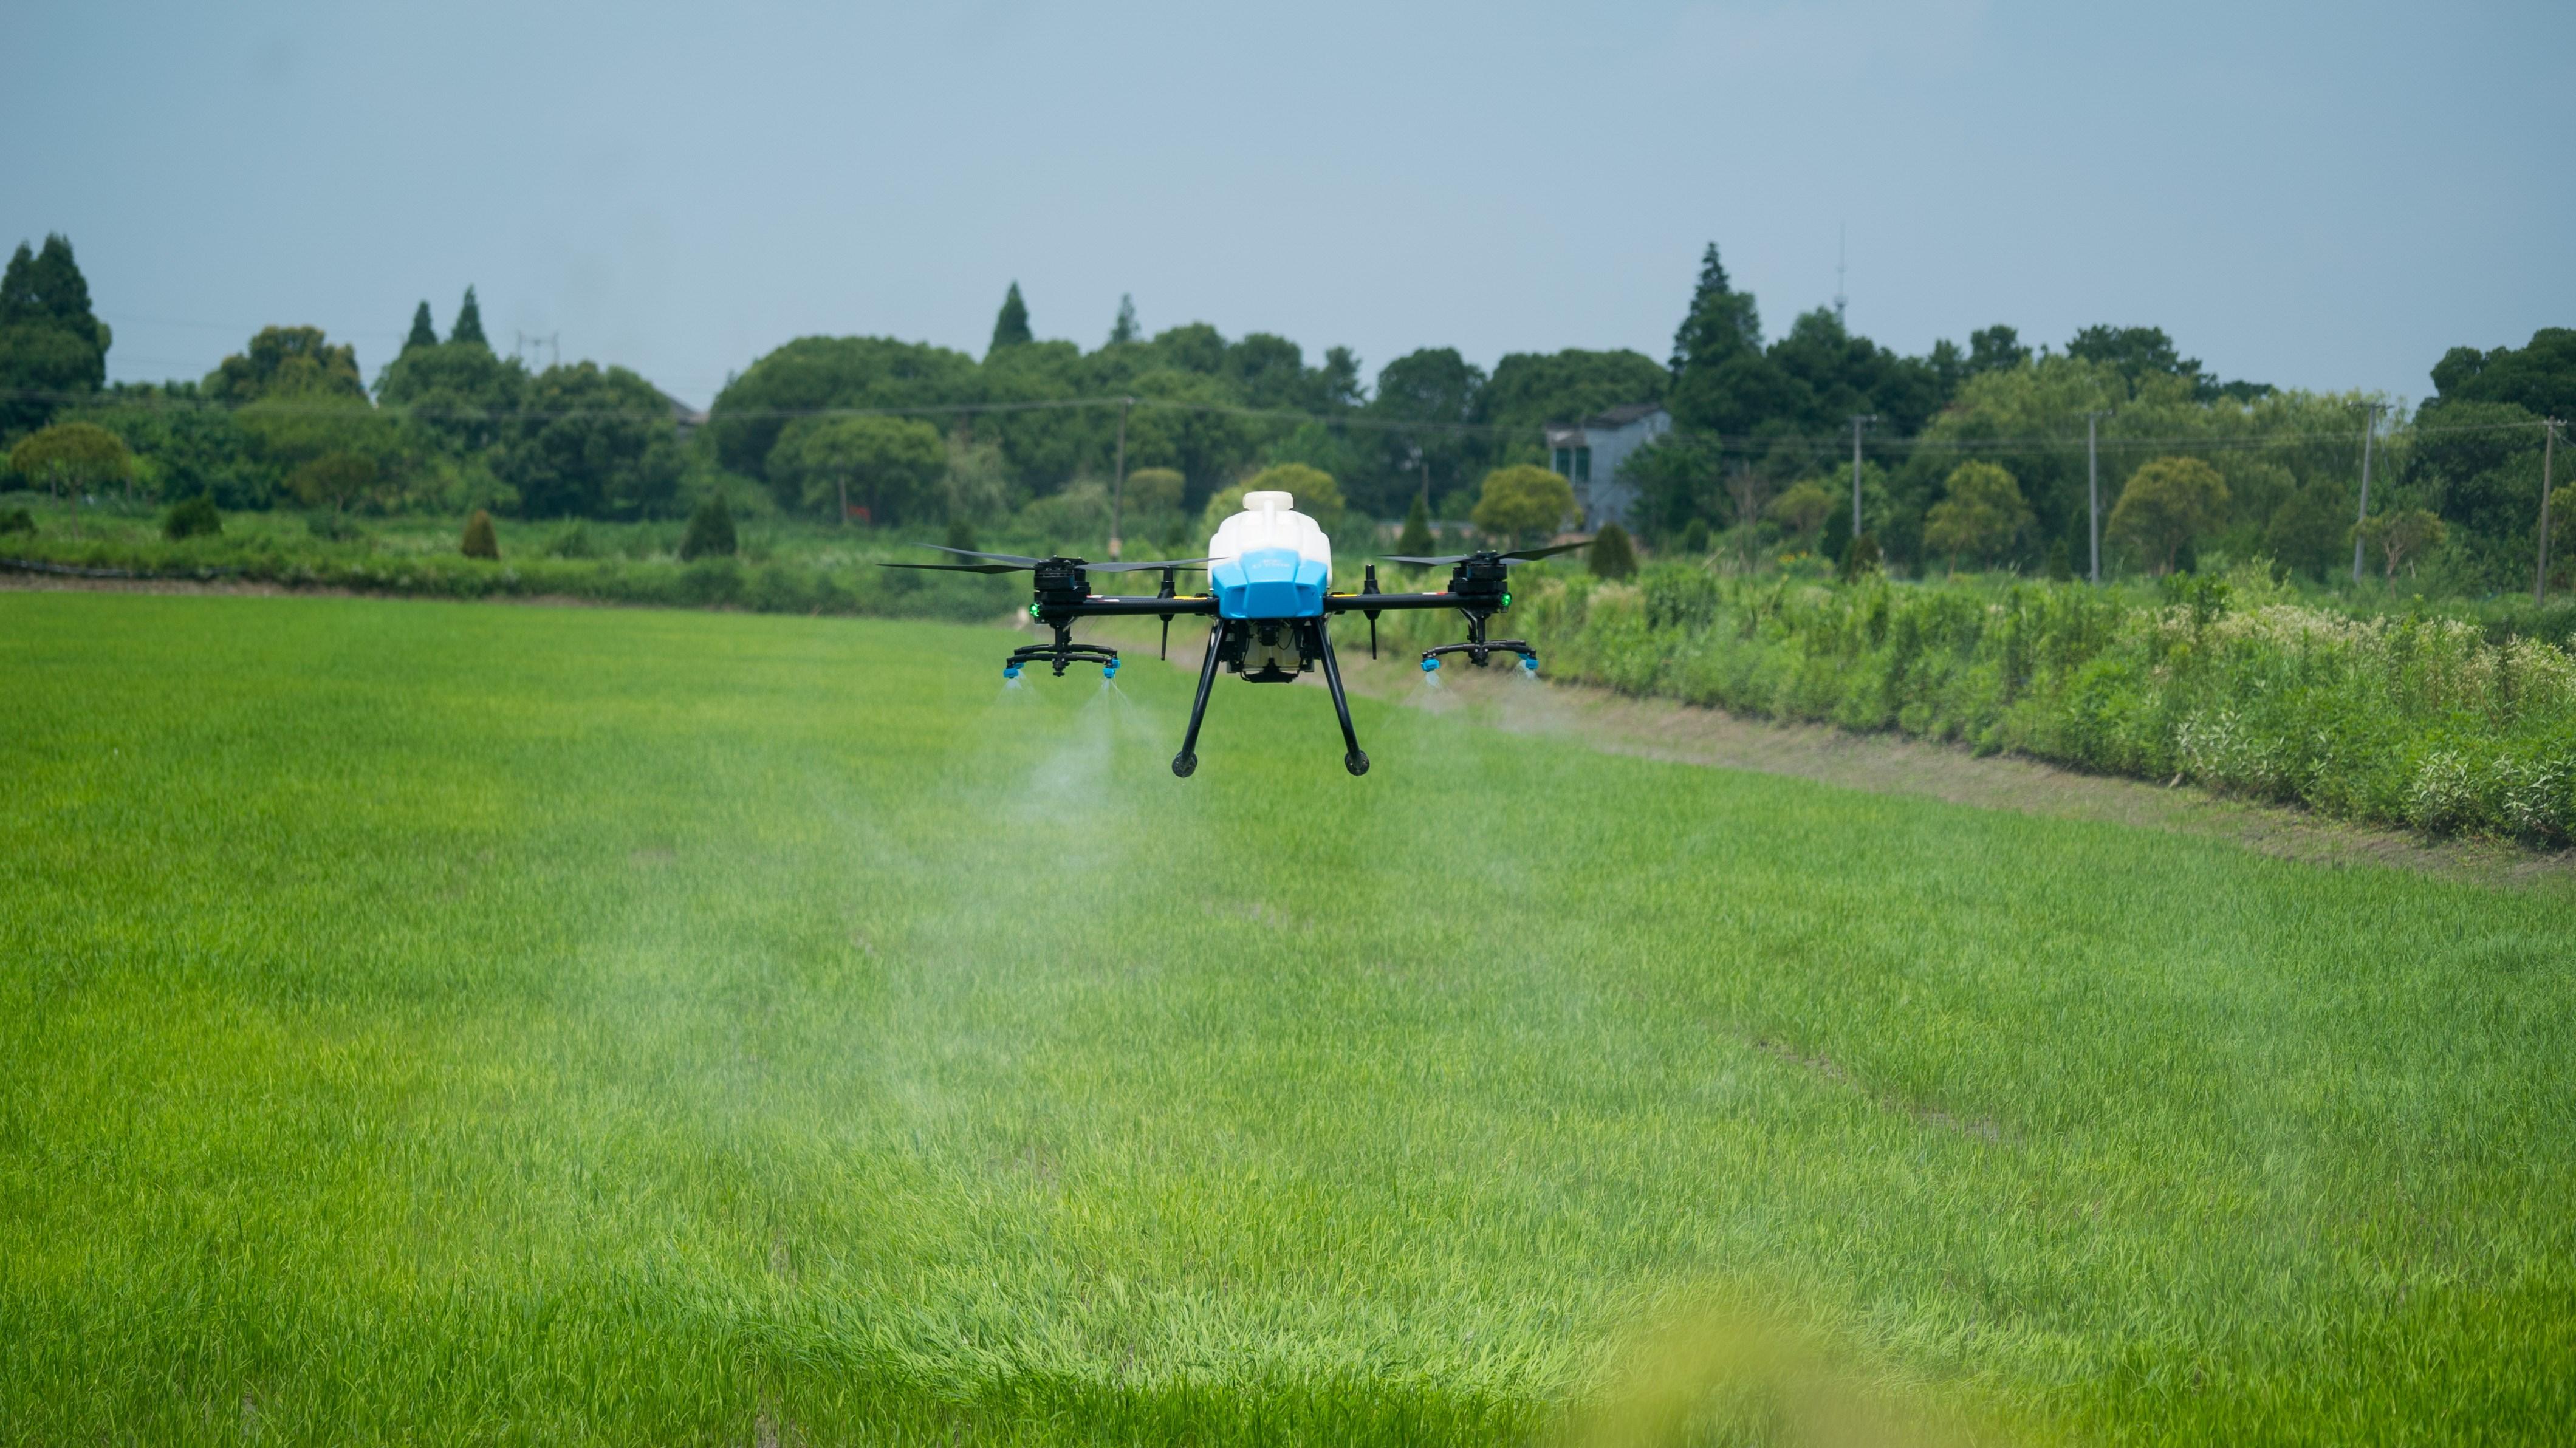 植保無人機除了噴灑農藥,還能干什么?